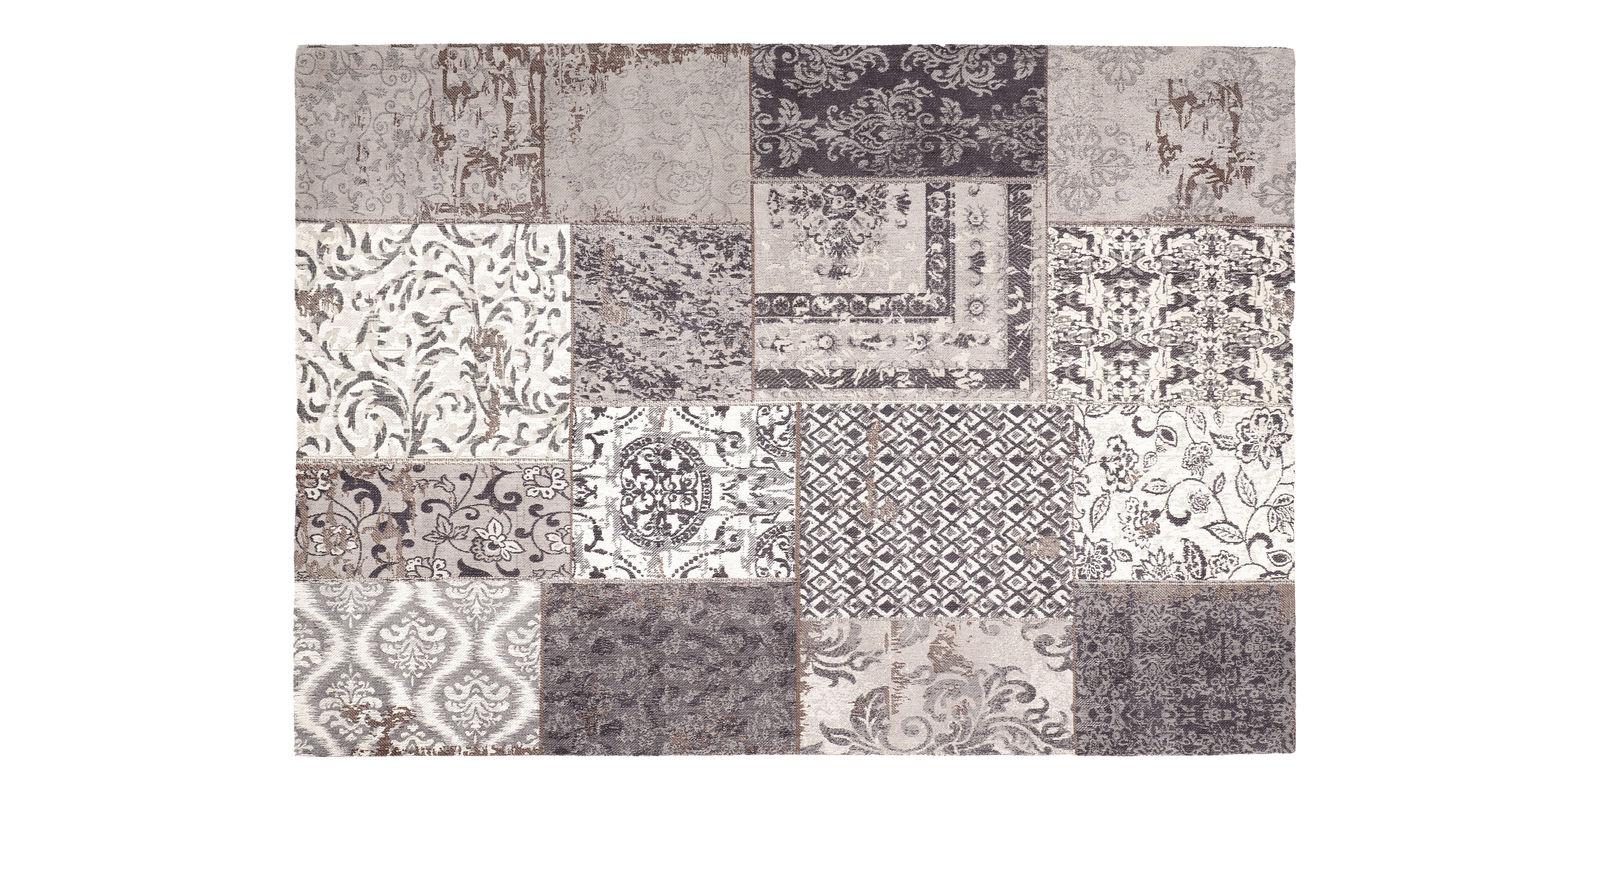 Teppich Patch grau mit angenehmer Oberflächenstruktur